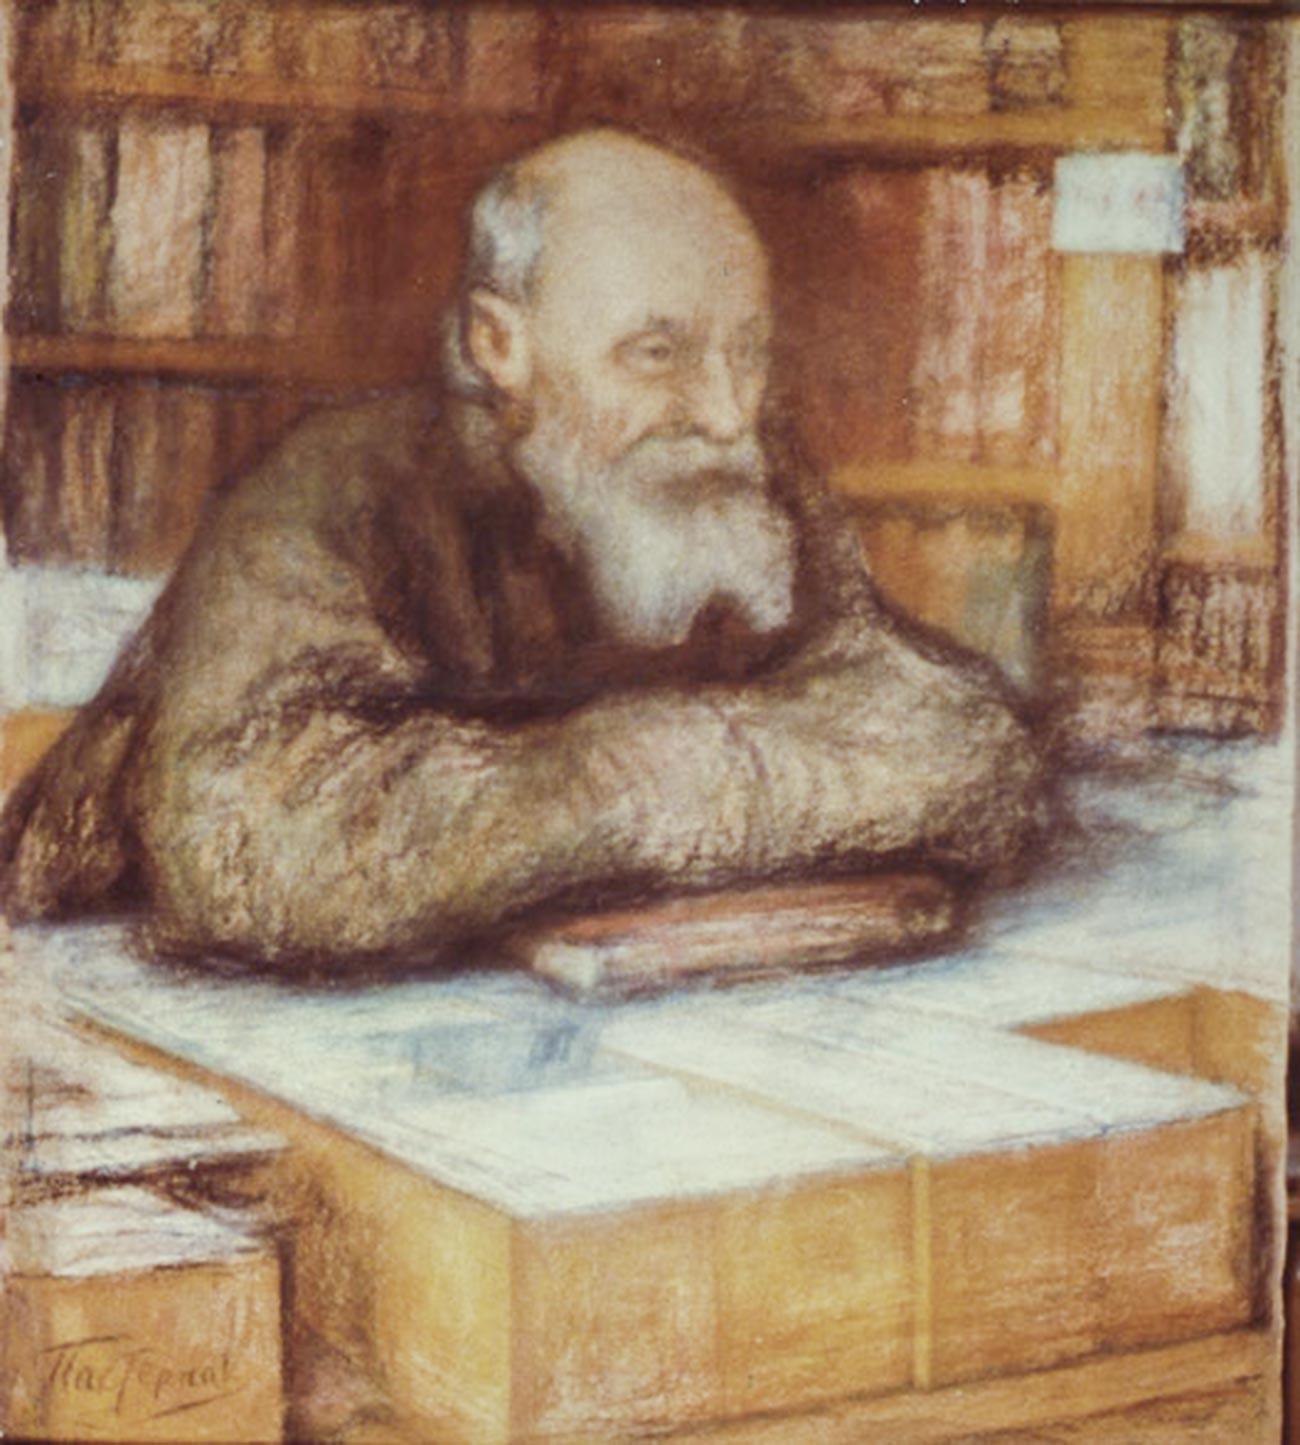 Portrait de Nikolaï Fiodorov